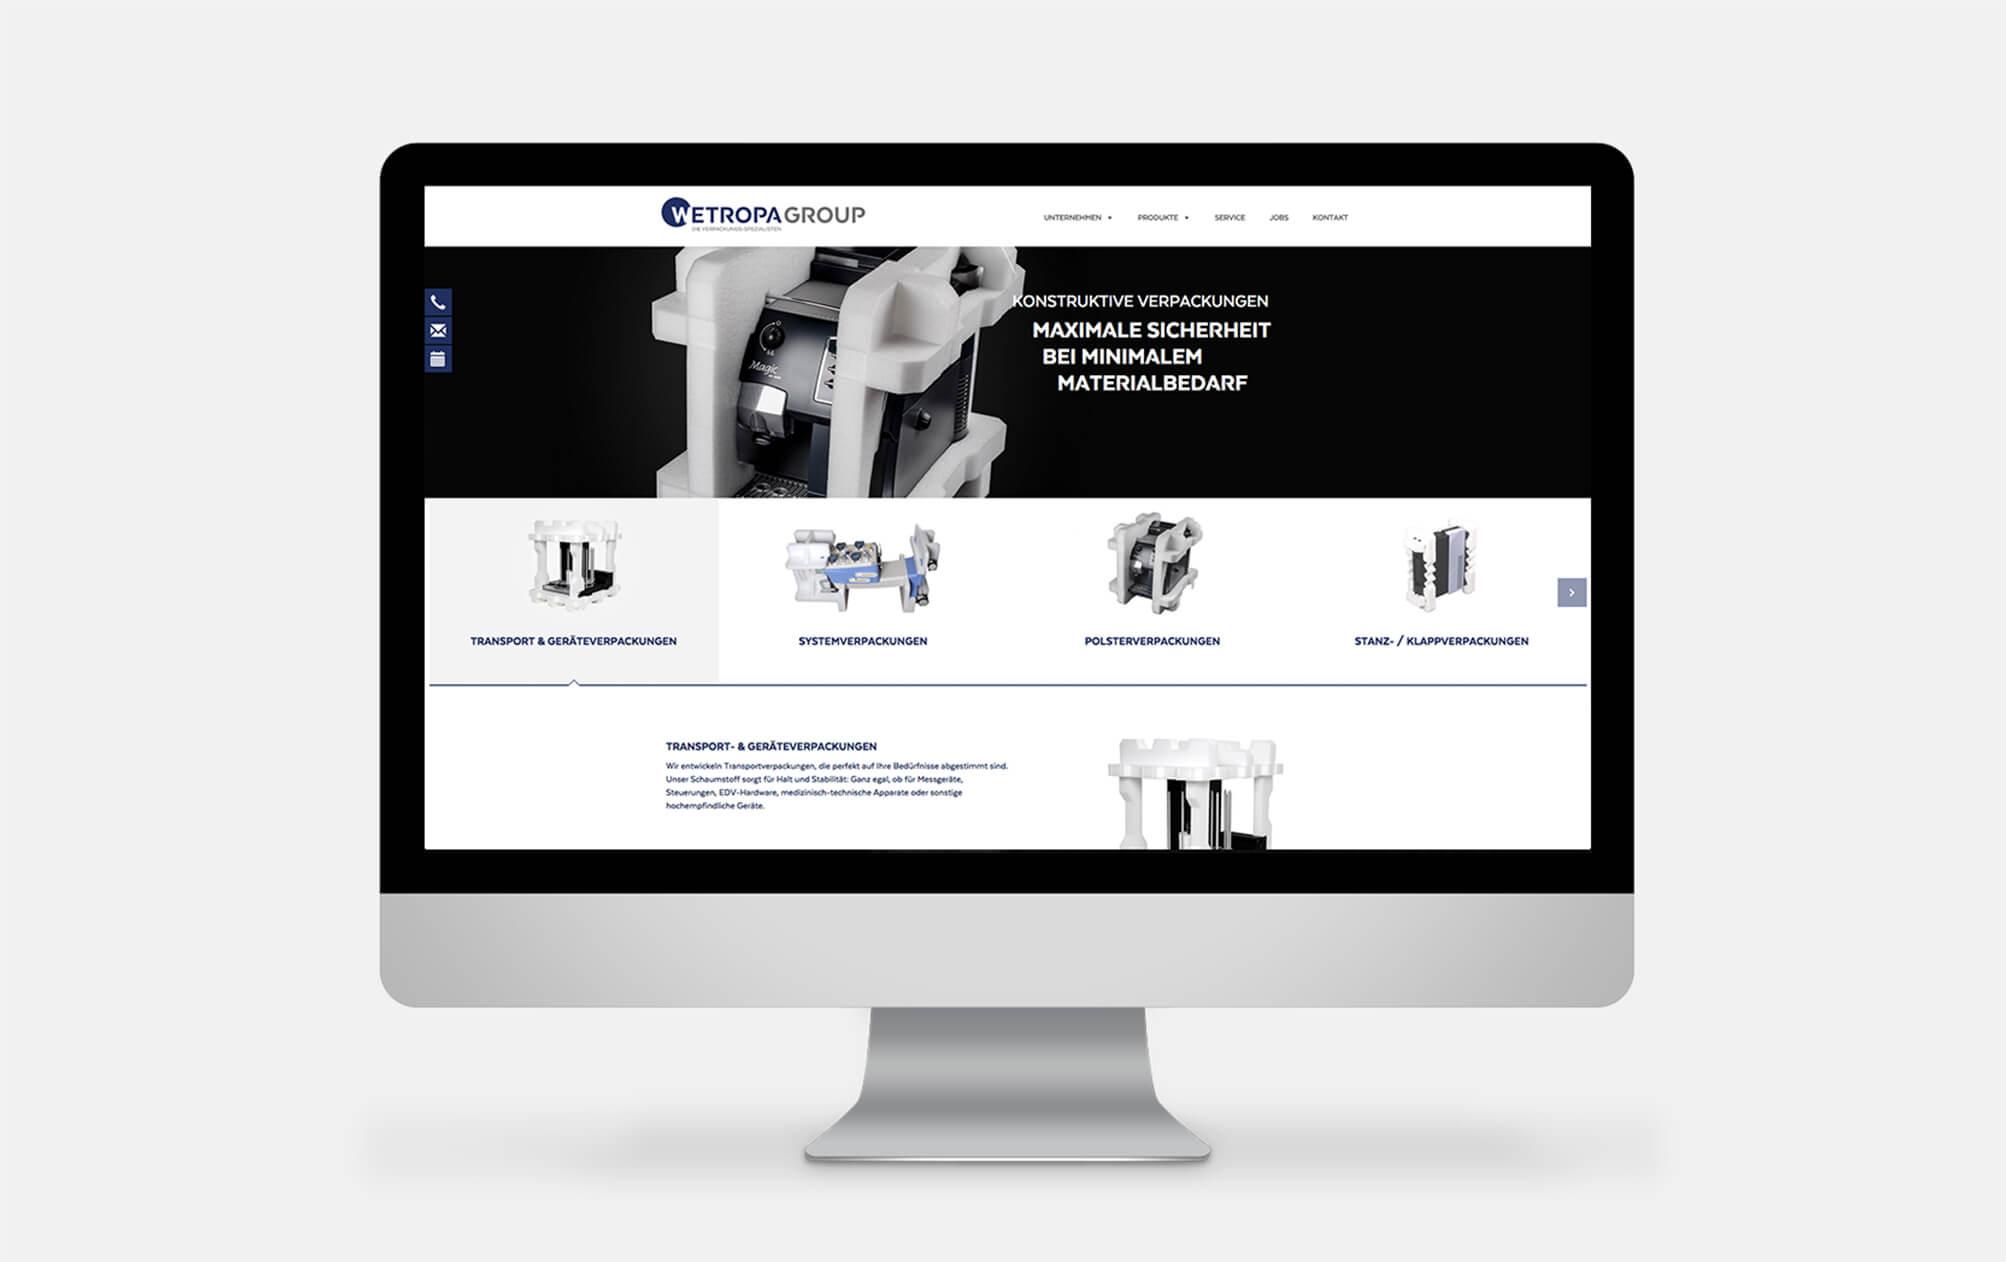 360vier_referenz_wetropa_16-2x Wetropa Kunststoffverarbeitung GmbH & Co. KG